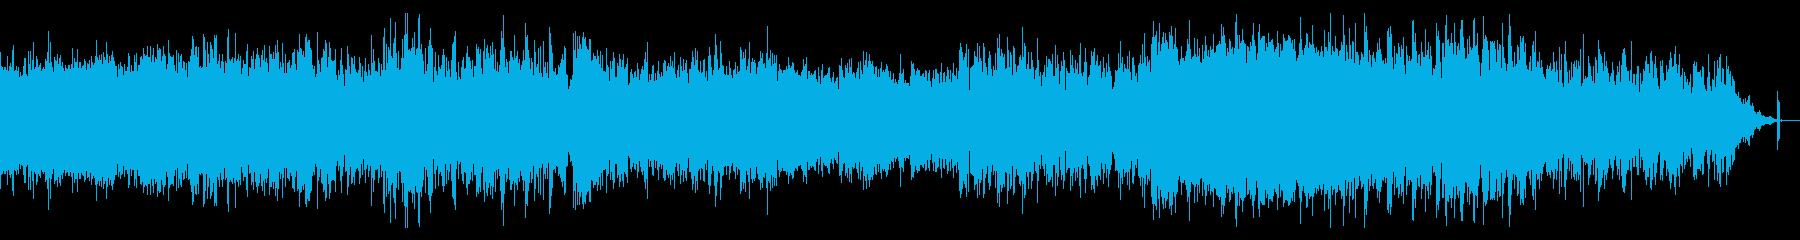 暗くオーガニックなシネマティックBGMの再生済みの波形